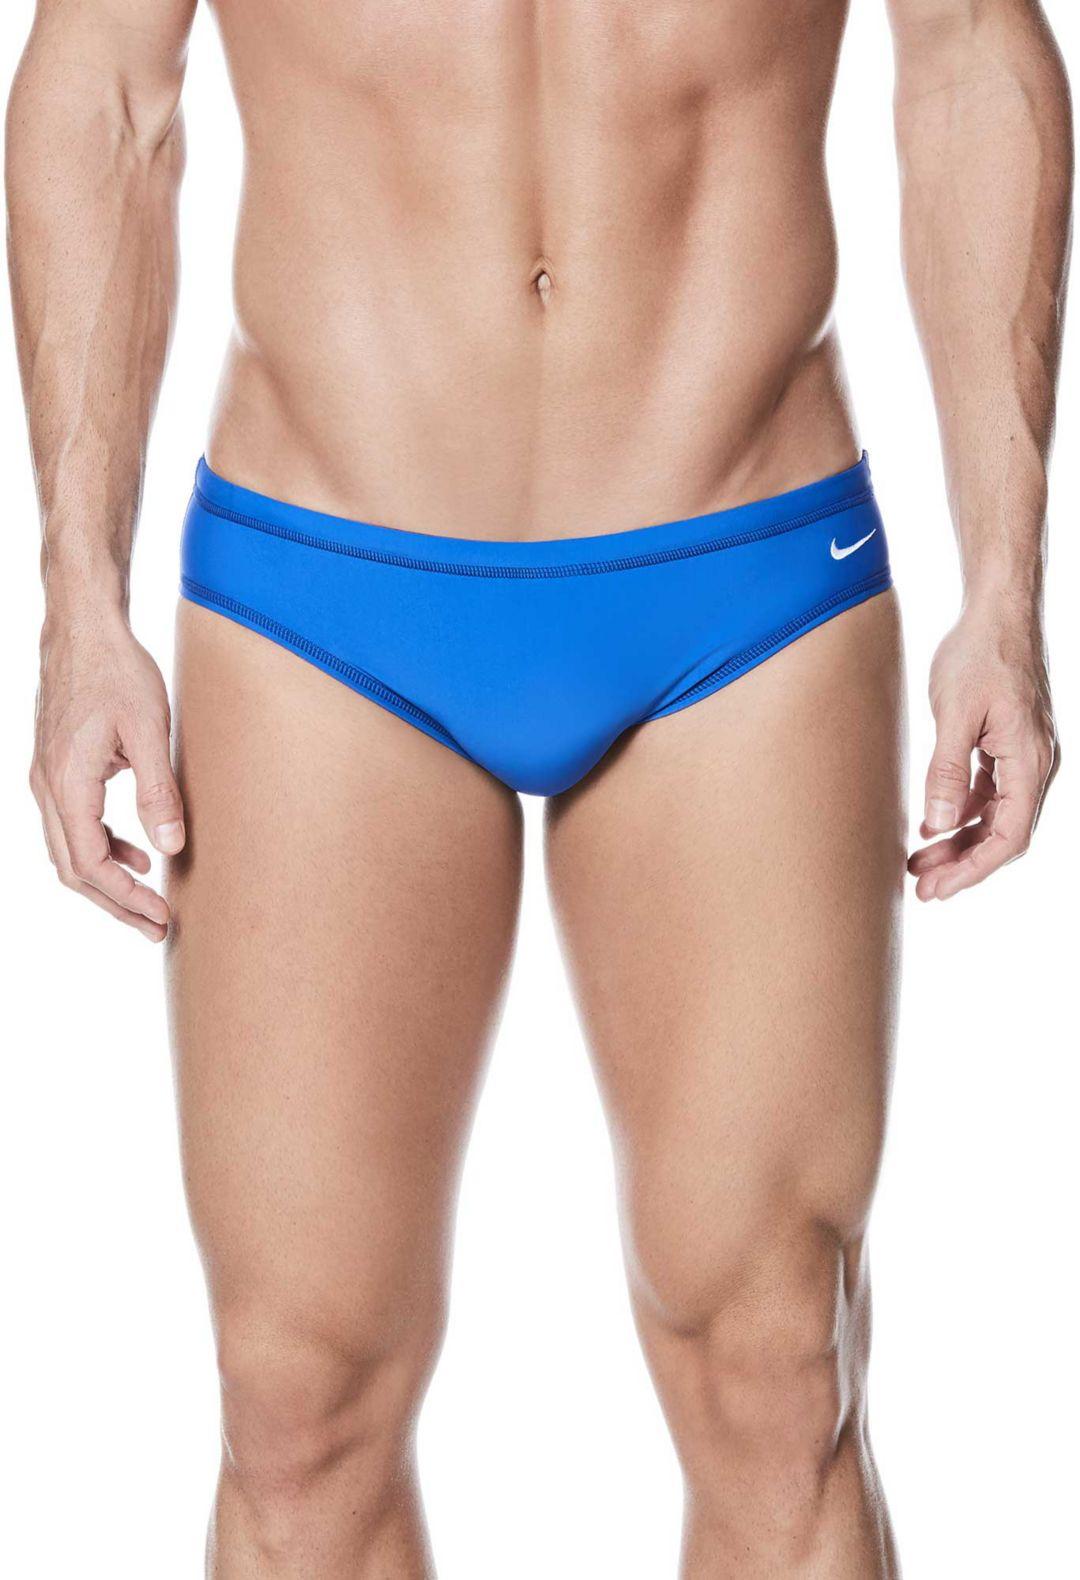 45a38e6a98 Nike Men's Nylon Core Solid Brief. noImageFound. Previous